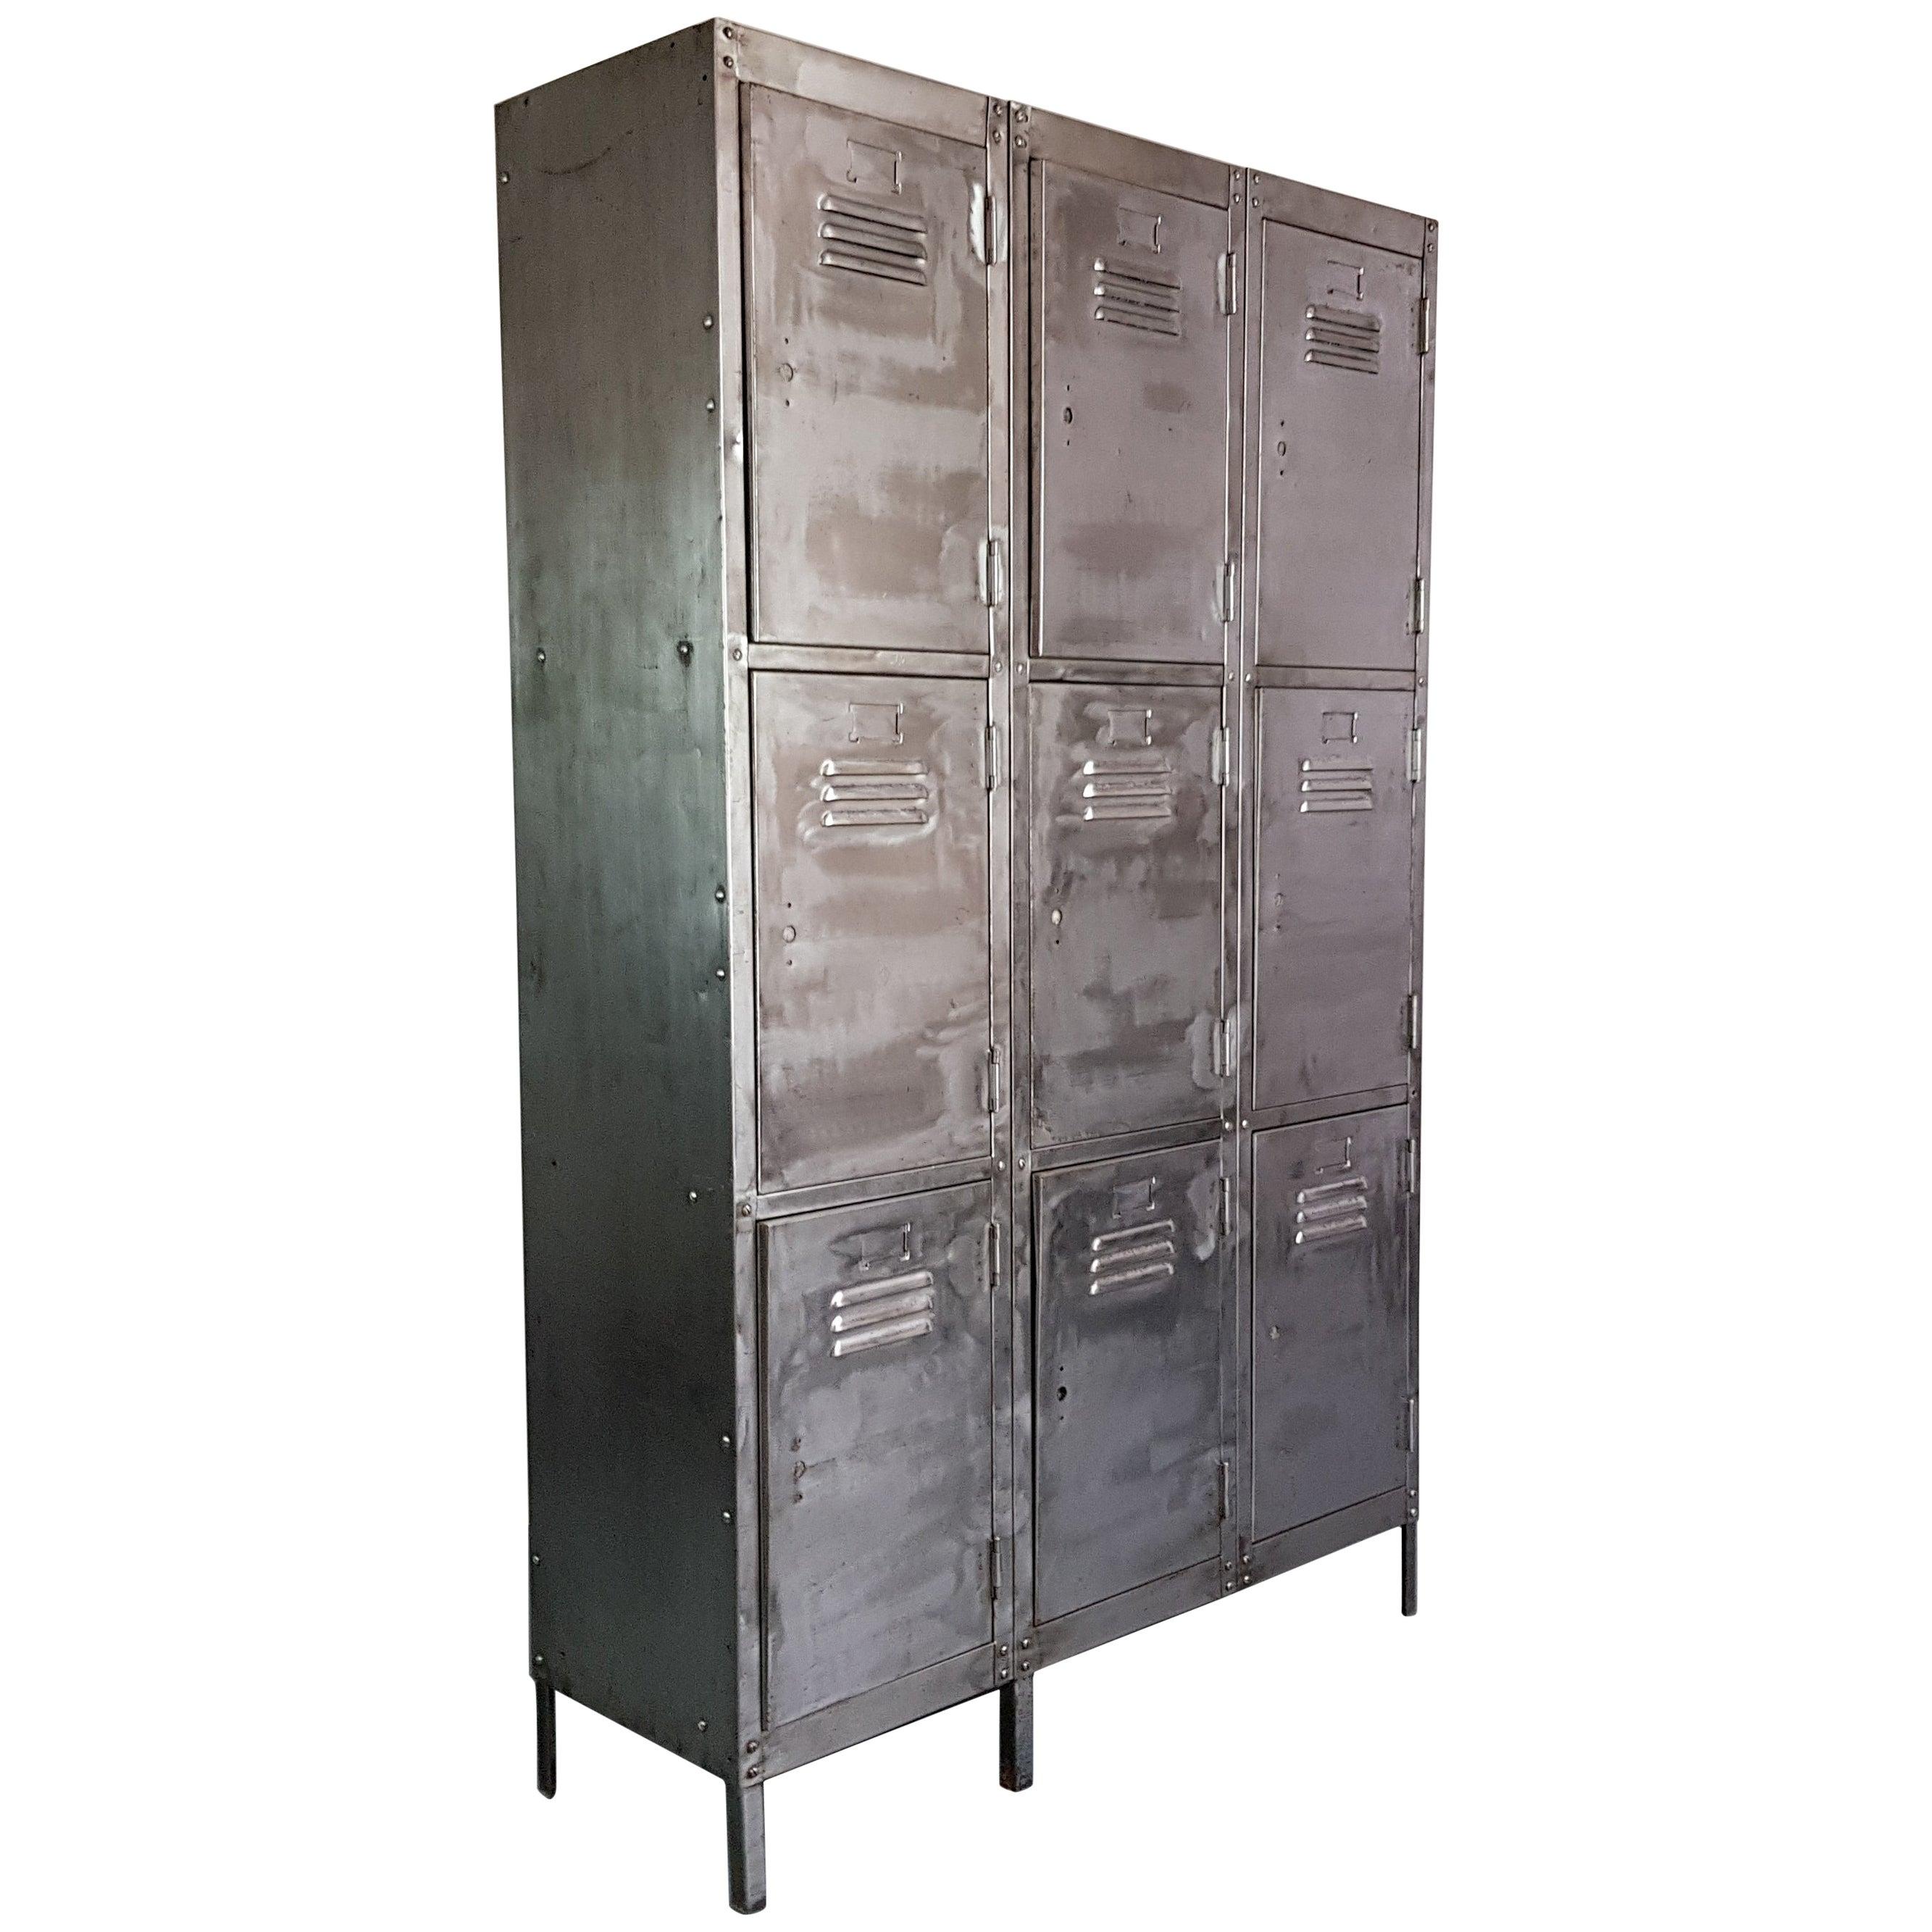 bookshelf door storage bookcases walmart shelves c kp com locker glass heirloom doors multiple cabinet with finishes